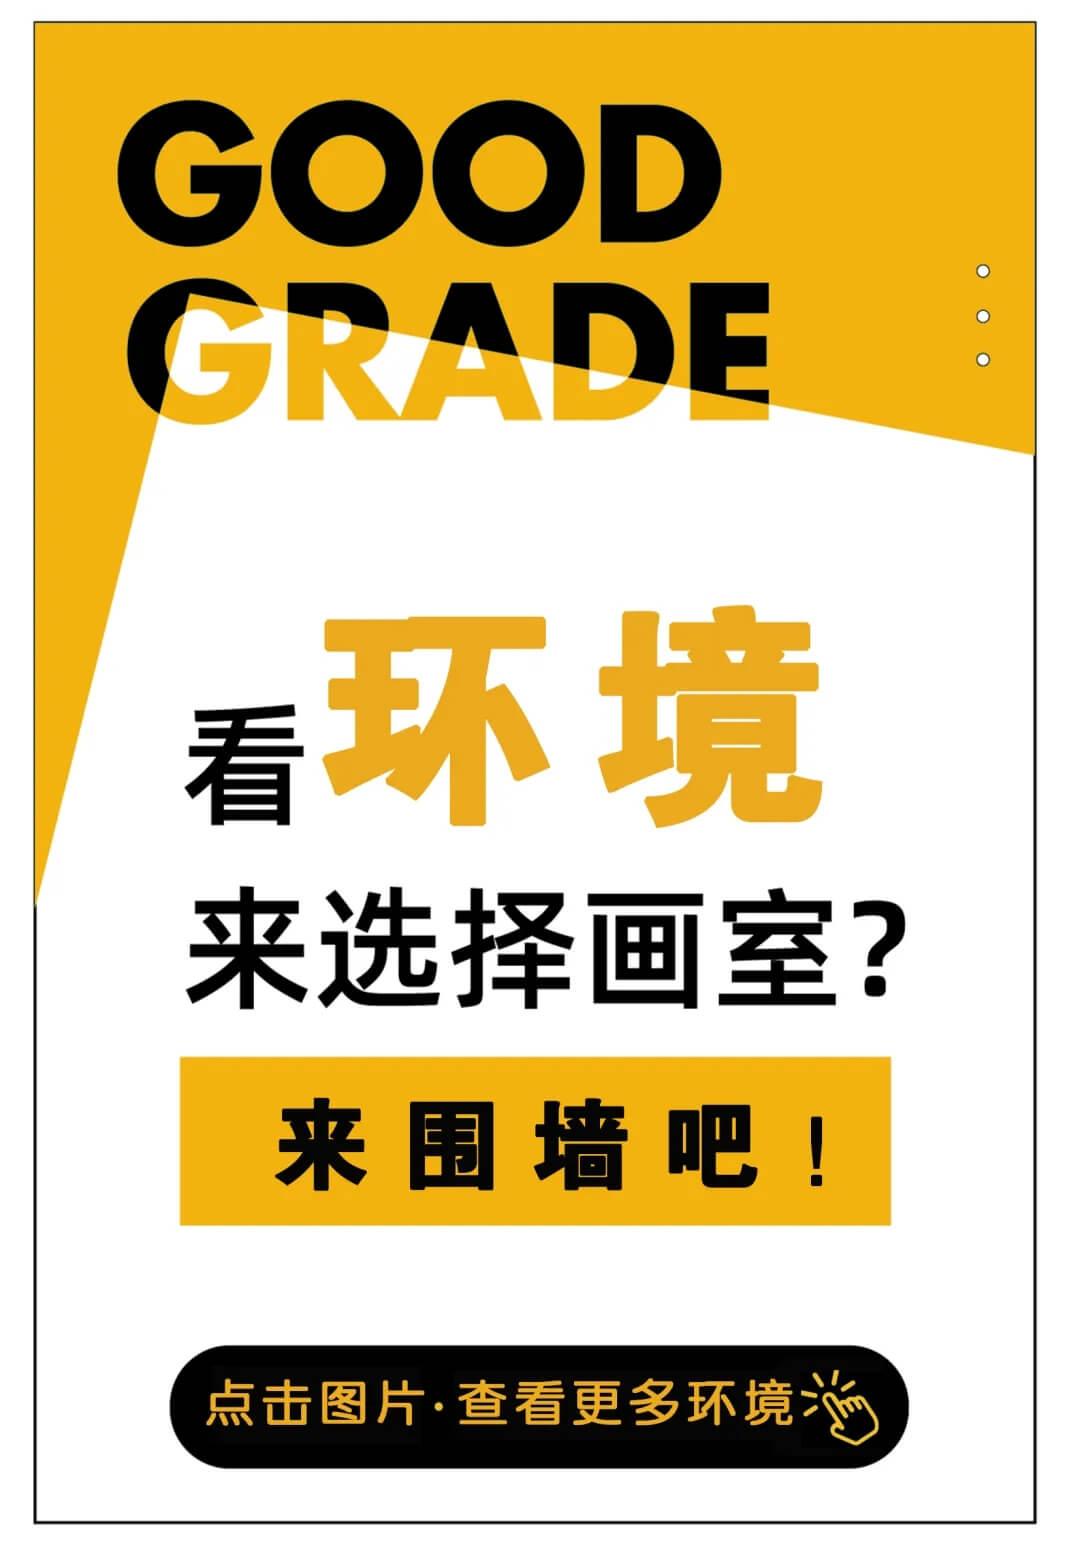 广州艺考画室,广州暑假班画室,广州美术画室,05